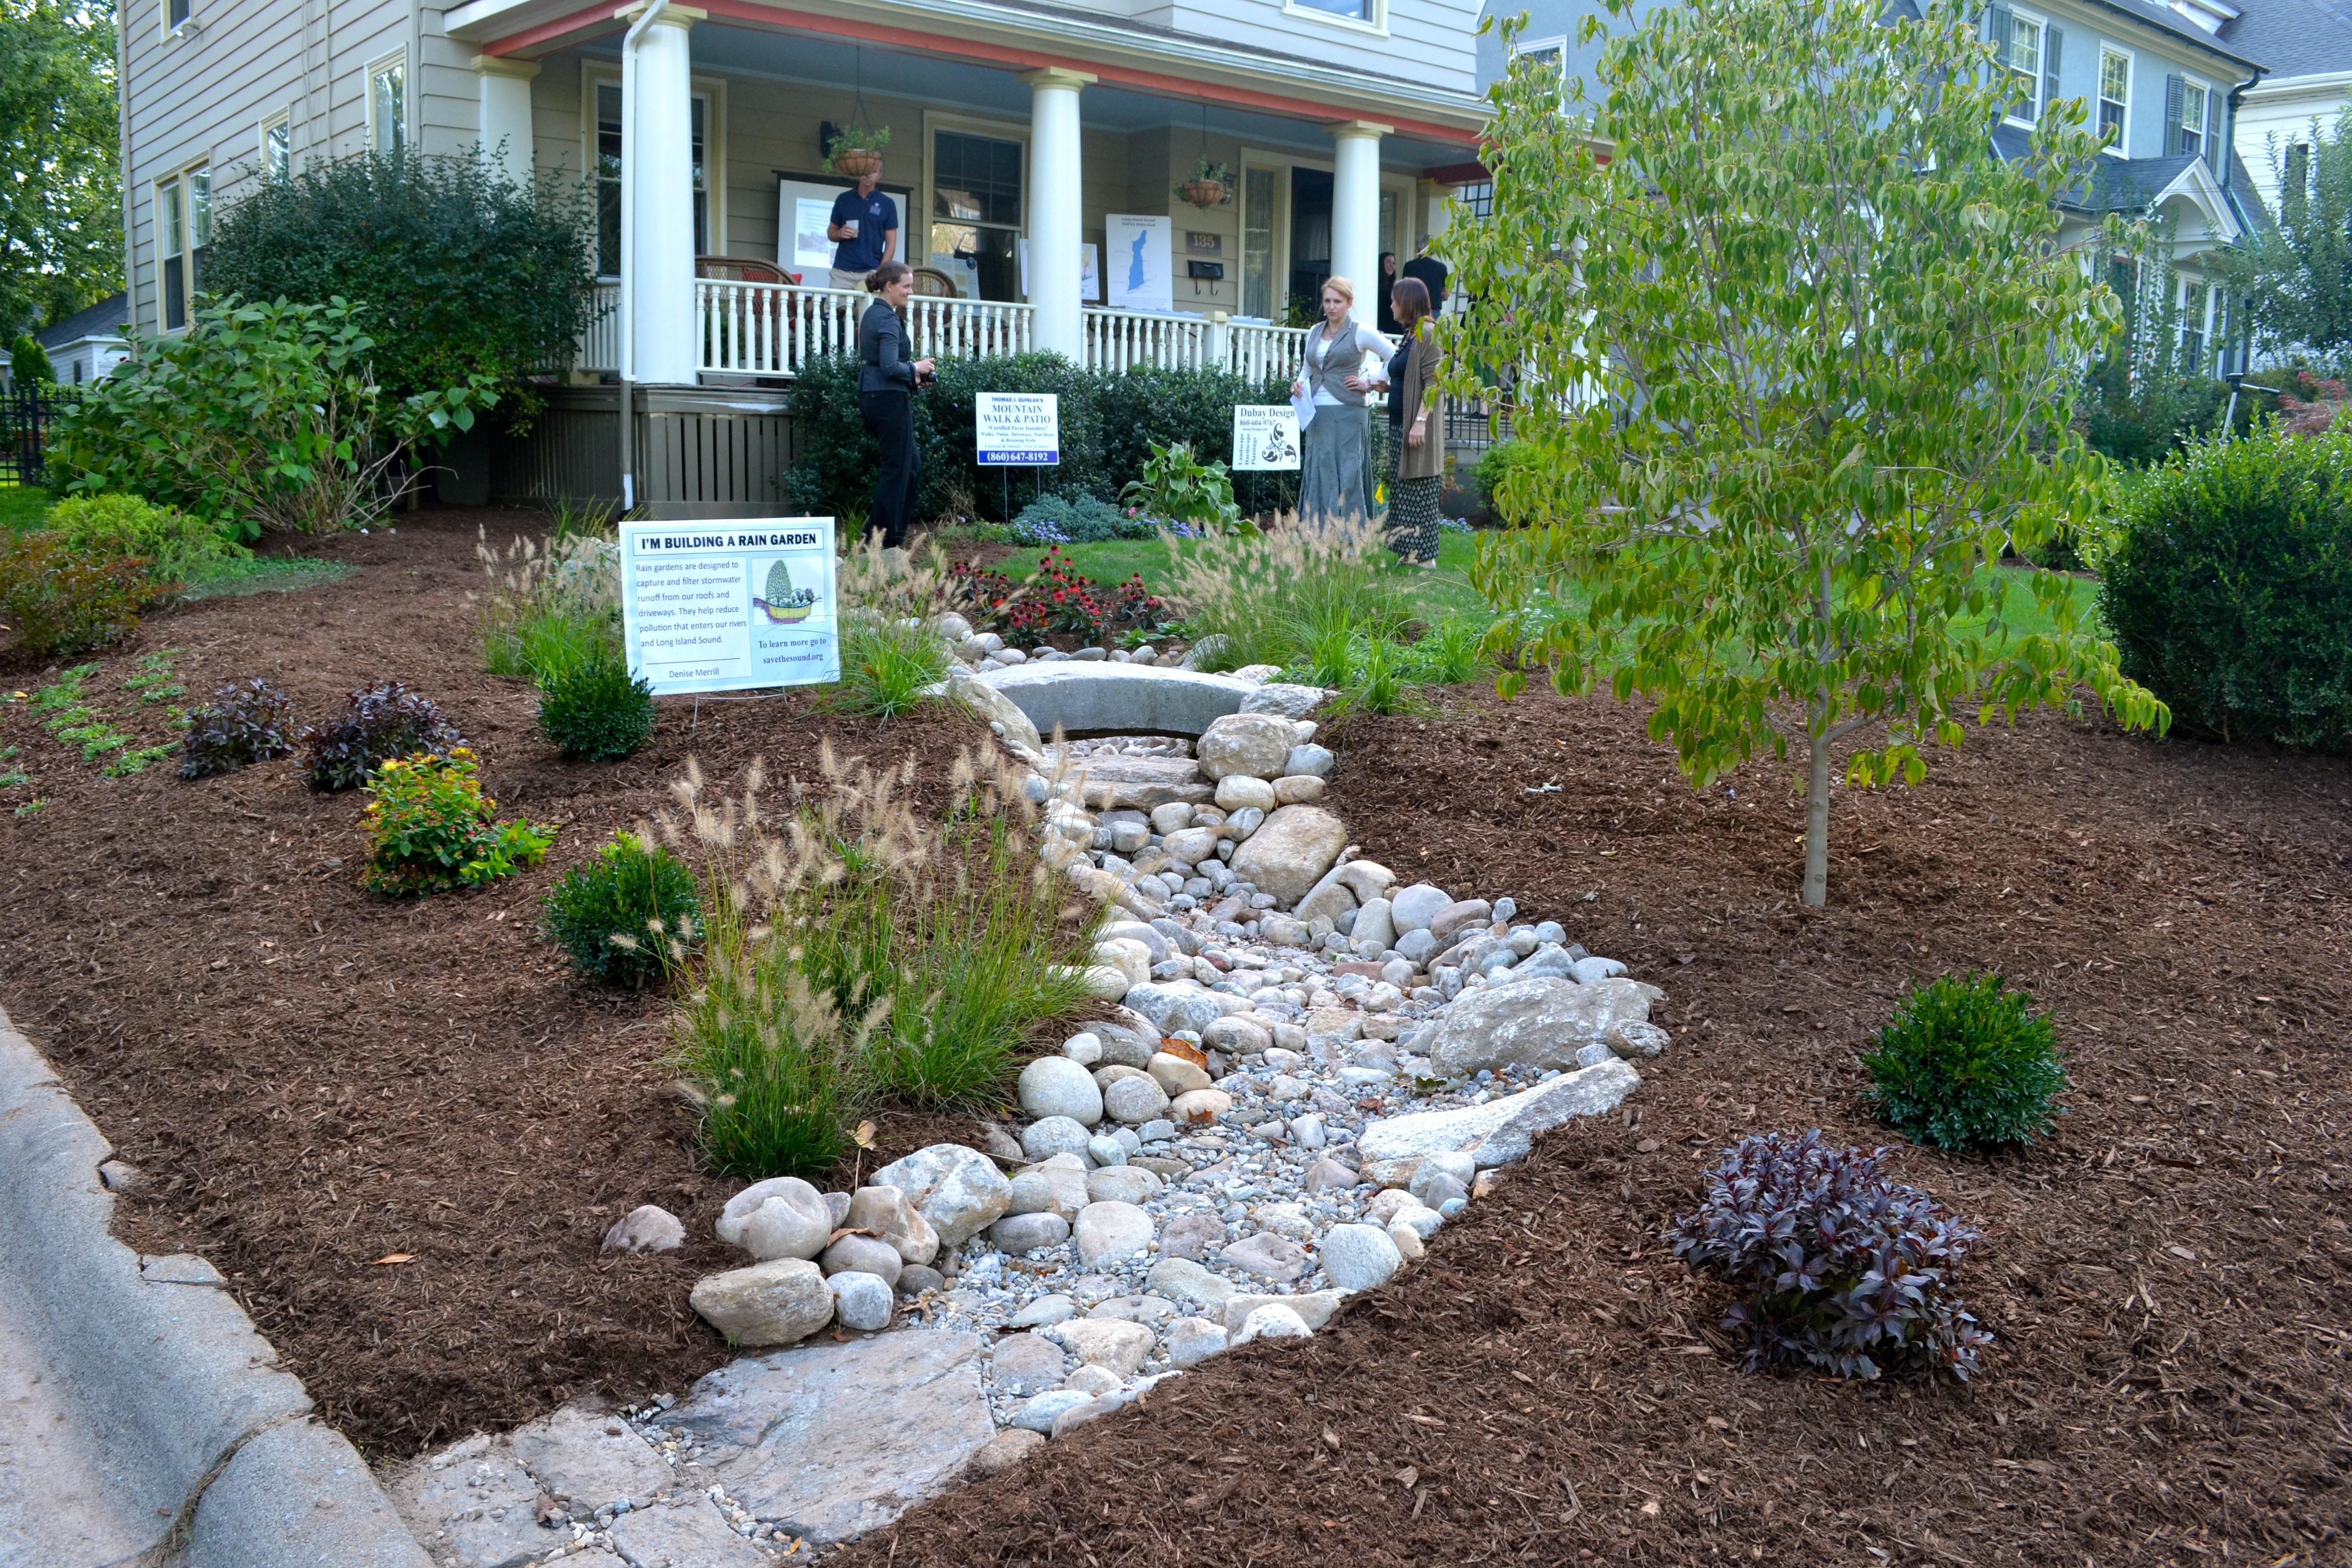 Secretary Merrill's completed rain garden/bioswale as seen from the sidewalk